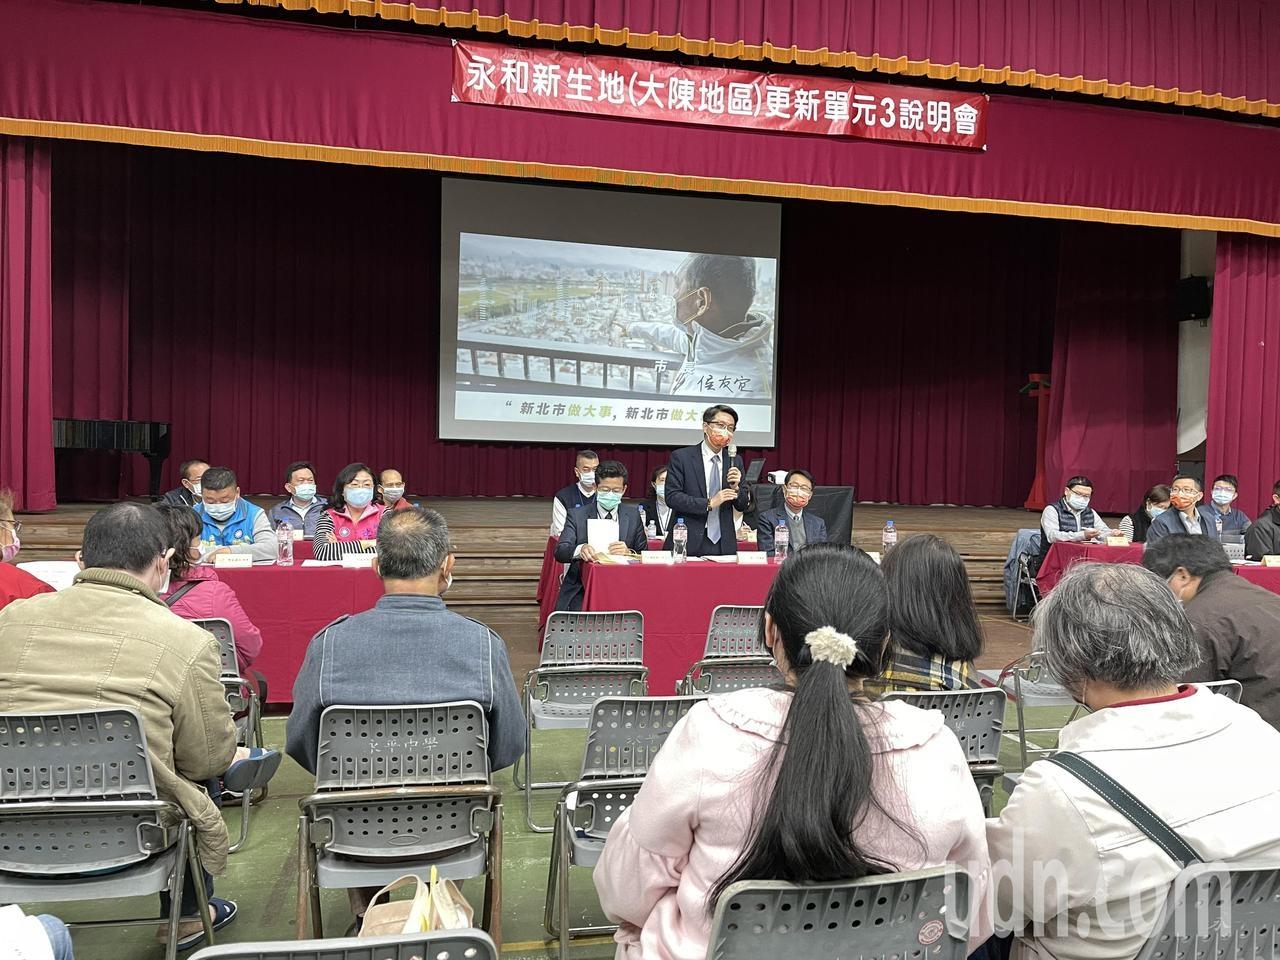 新北市住都中心今年初成立後,以永和大陳社區公辦都更為首要任務,昨晚間召開第3單元說明會。記者王敏旭/攝影